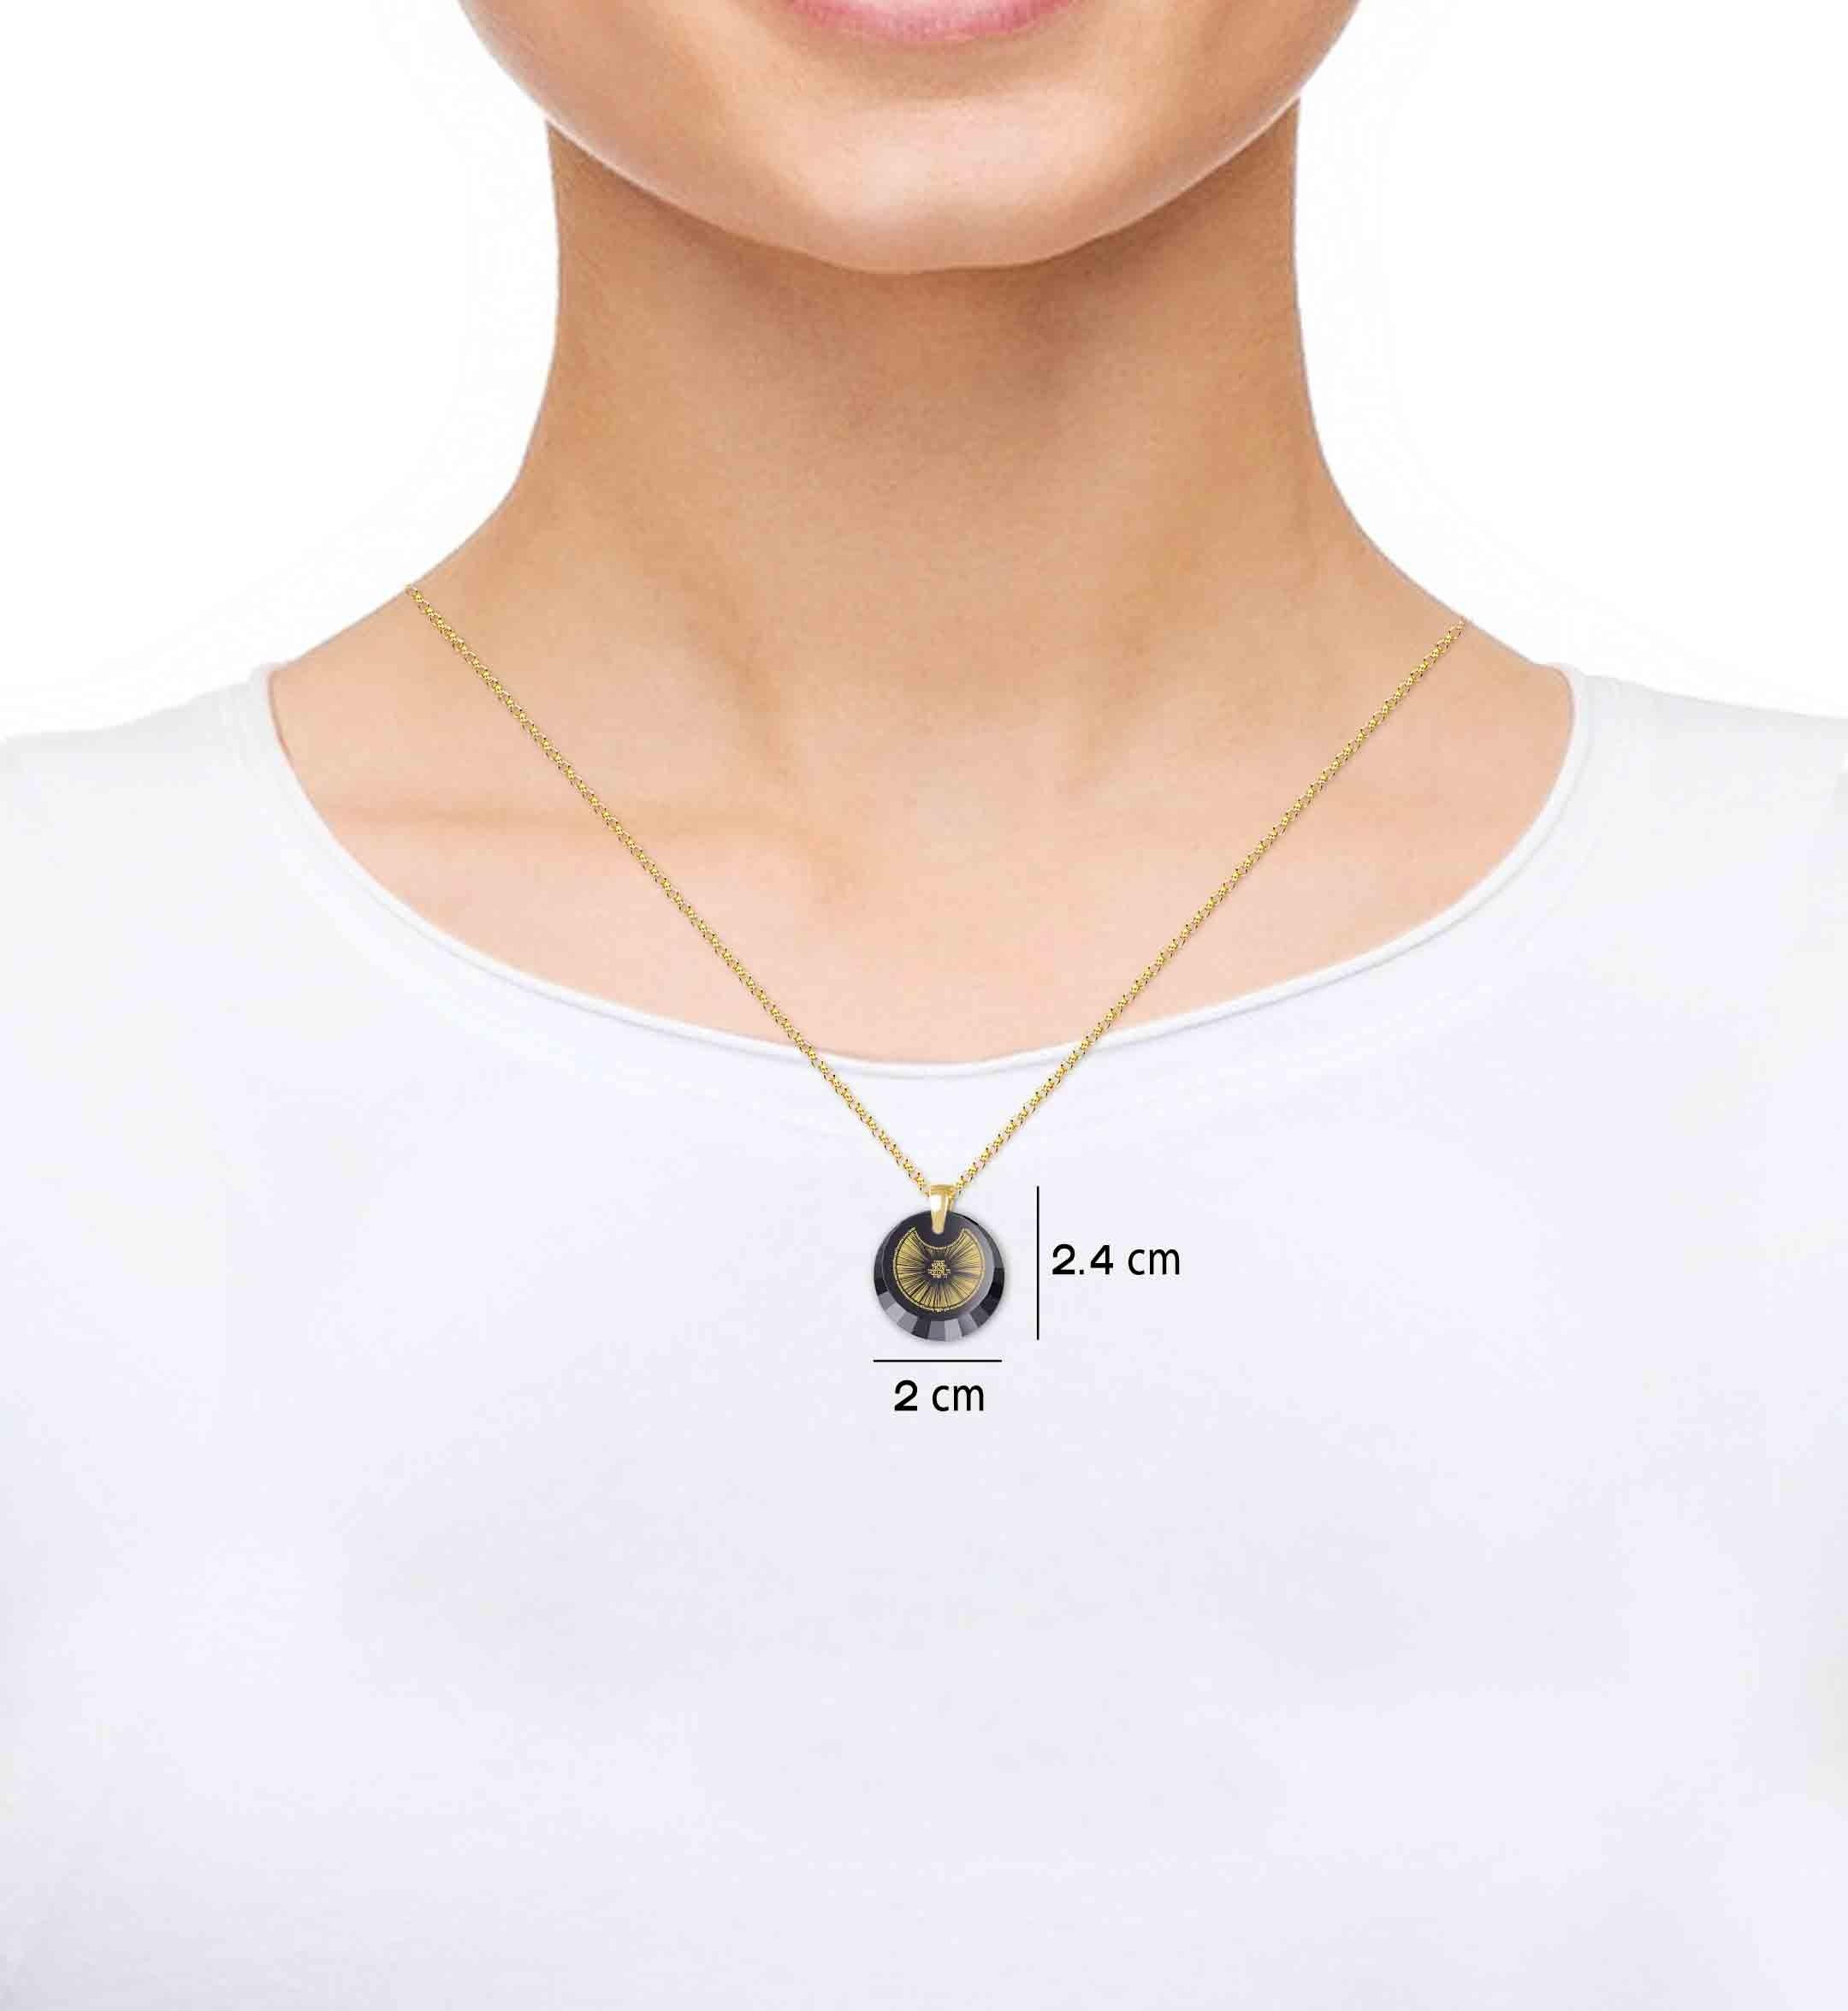 מתנות לחג - שרשרת שמע ישראל - ננו תכשיטיםמתנות לחג - שרשרת שמע ישראל - ננו תכשיטים